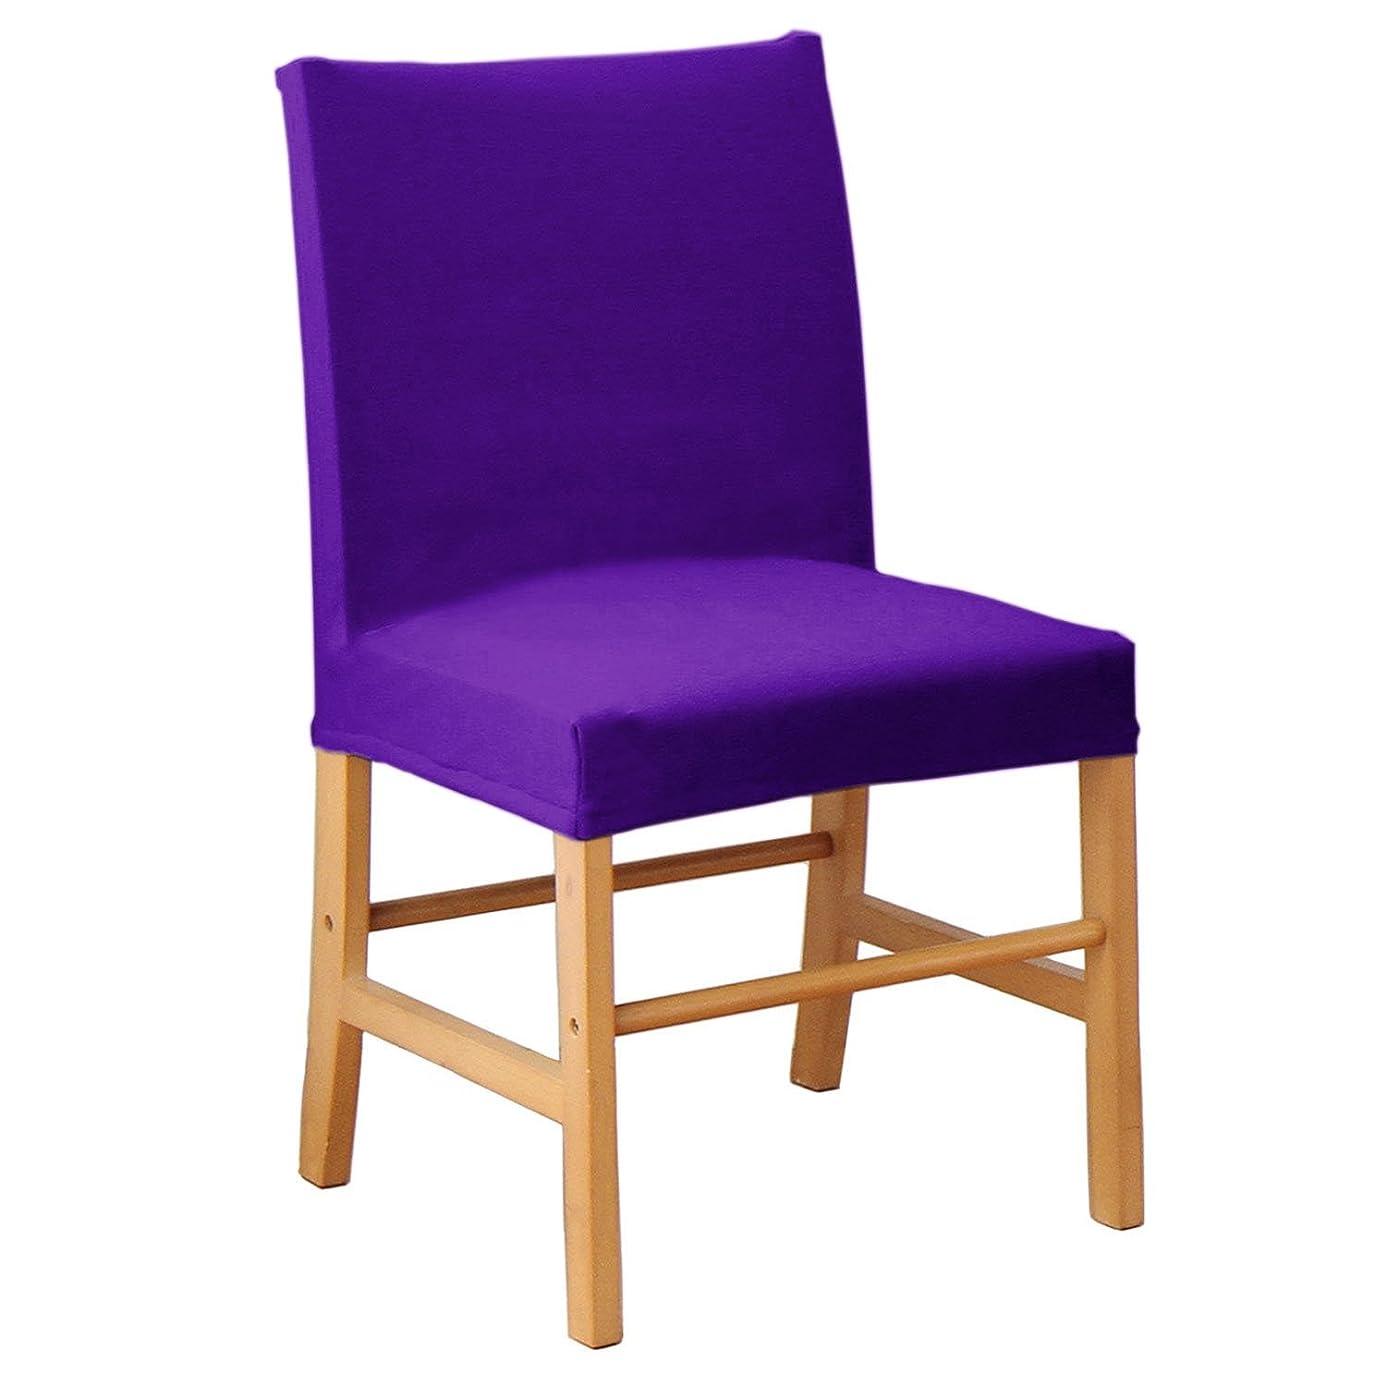 リーズ服無秩序椅子フルカバー?座椅子カバー タオル地フィットタイプ ピッタりフィット (パープル)